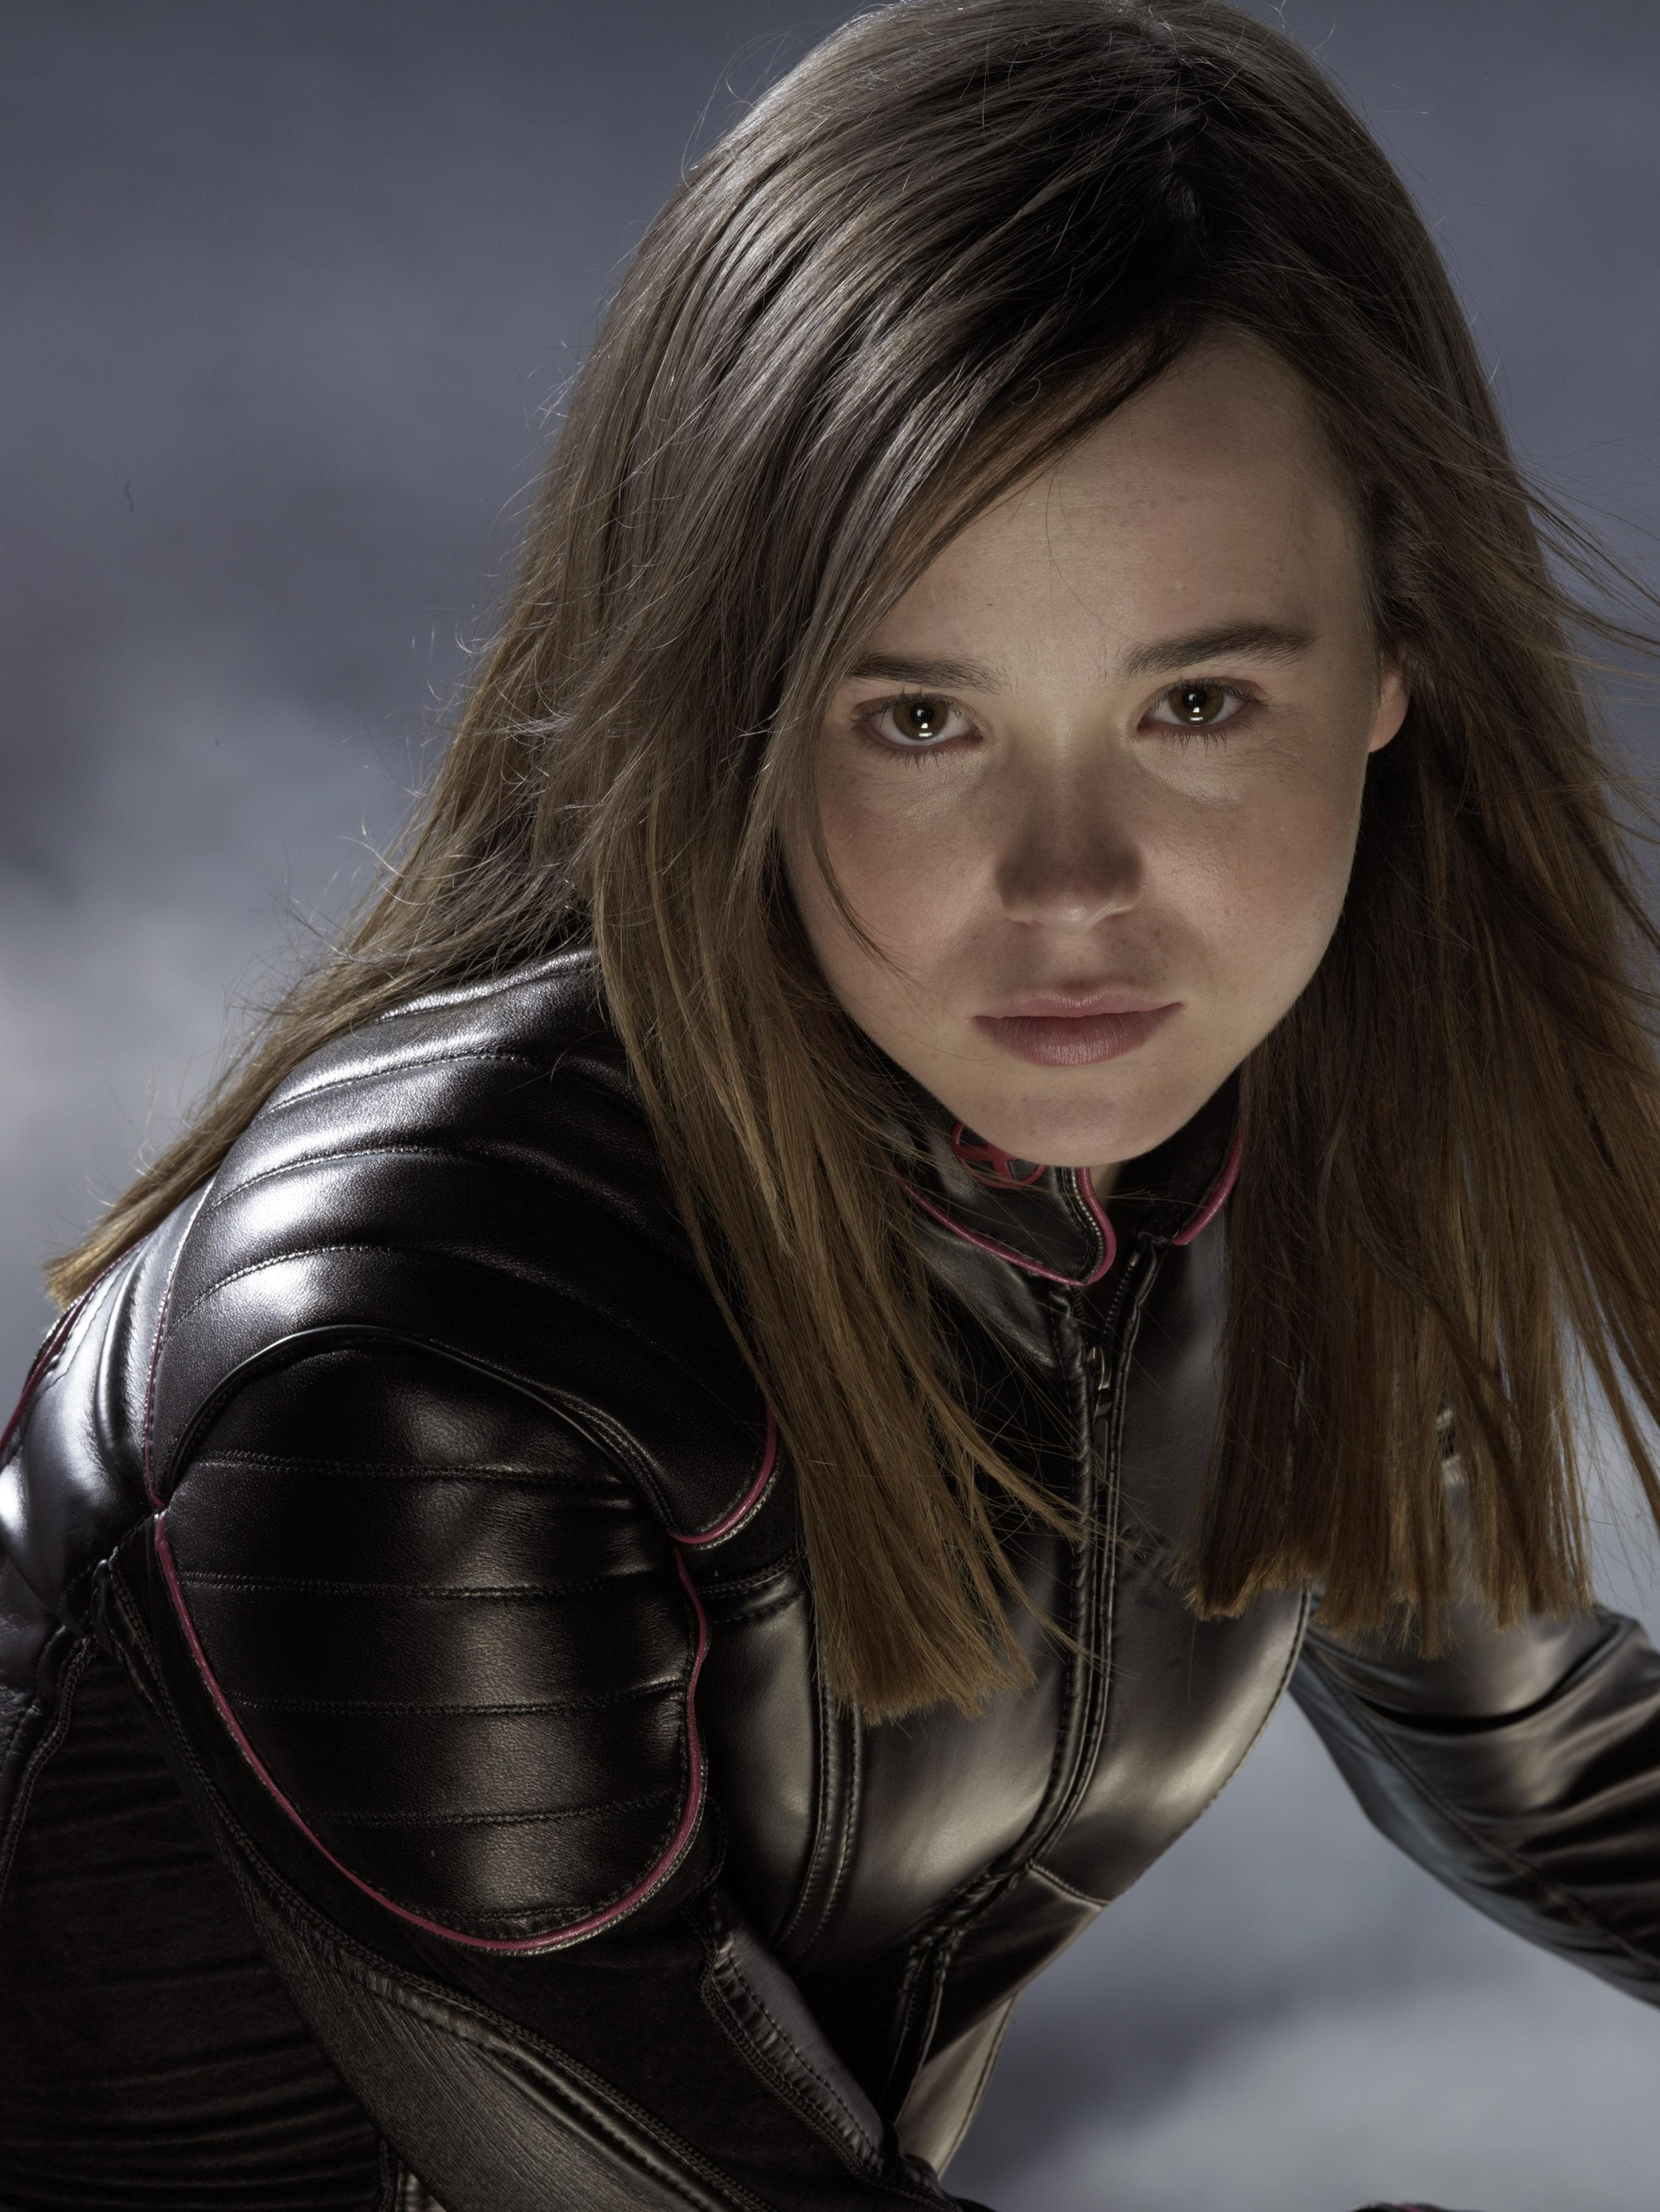 pryde alias es kitty gender female team x men movie x men x2 x menX Men Shadowcat Movie